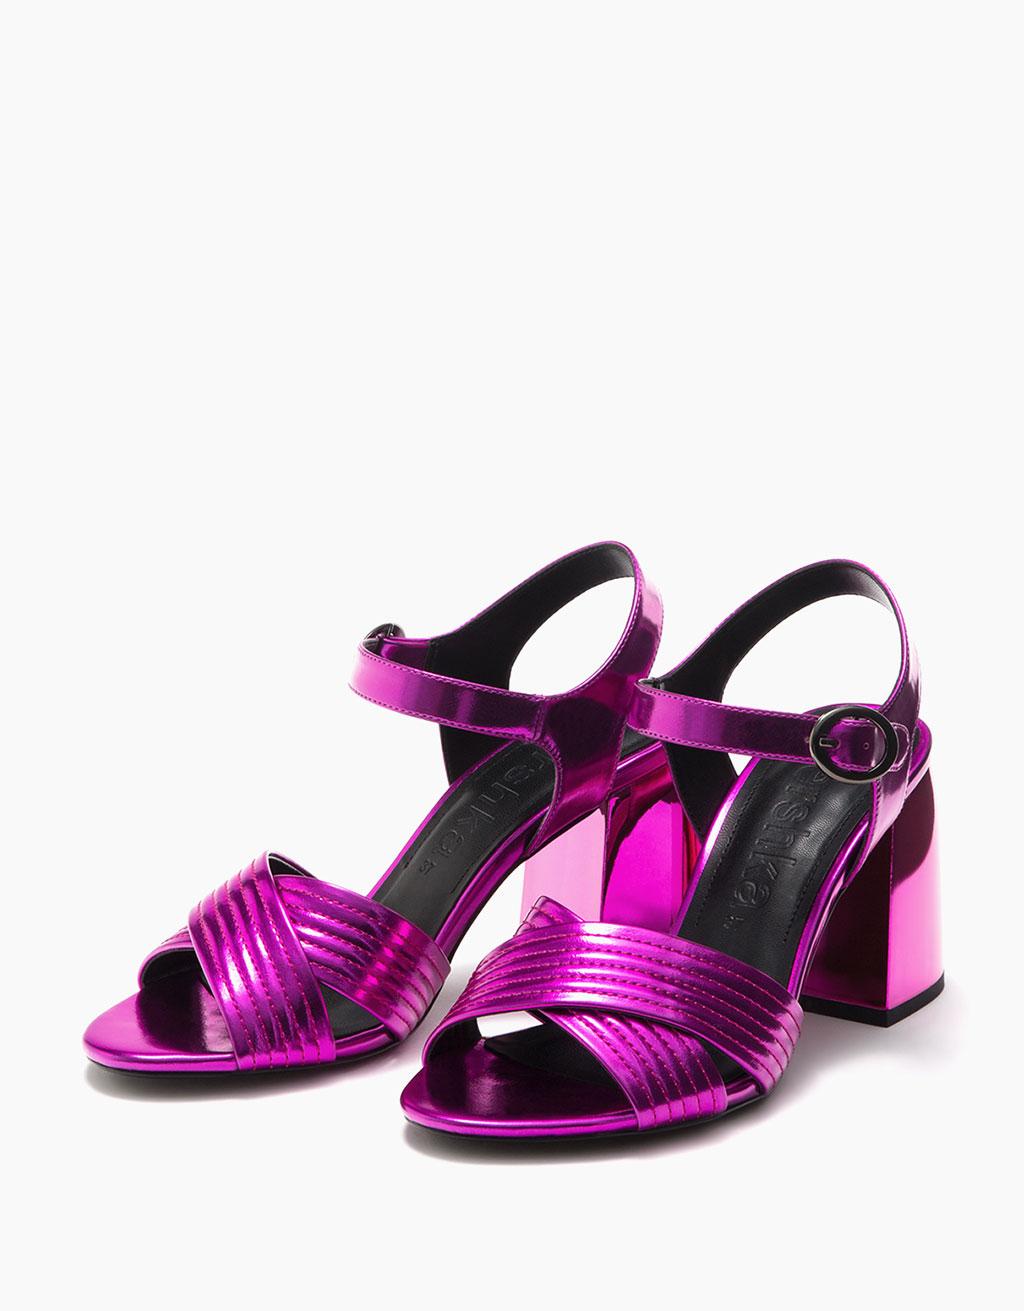 Sandaalit nilkkaremmeillä, metallitehosteilla ja puolikorolla